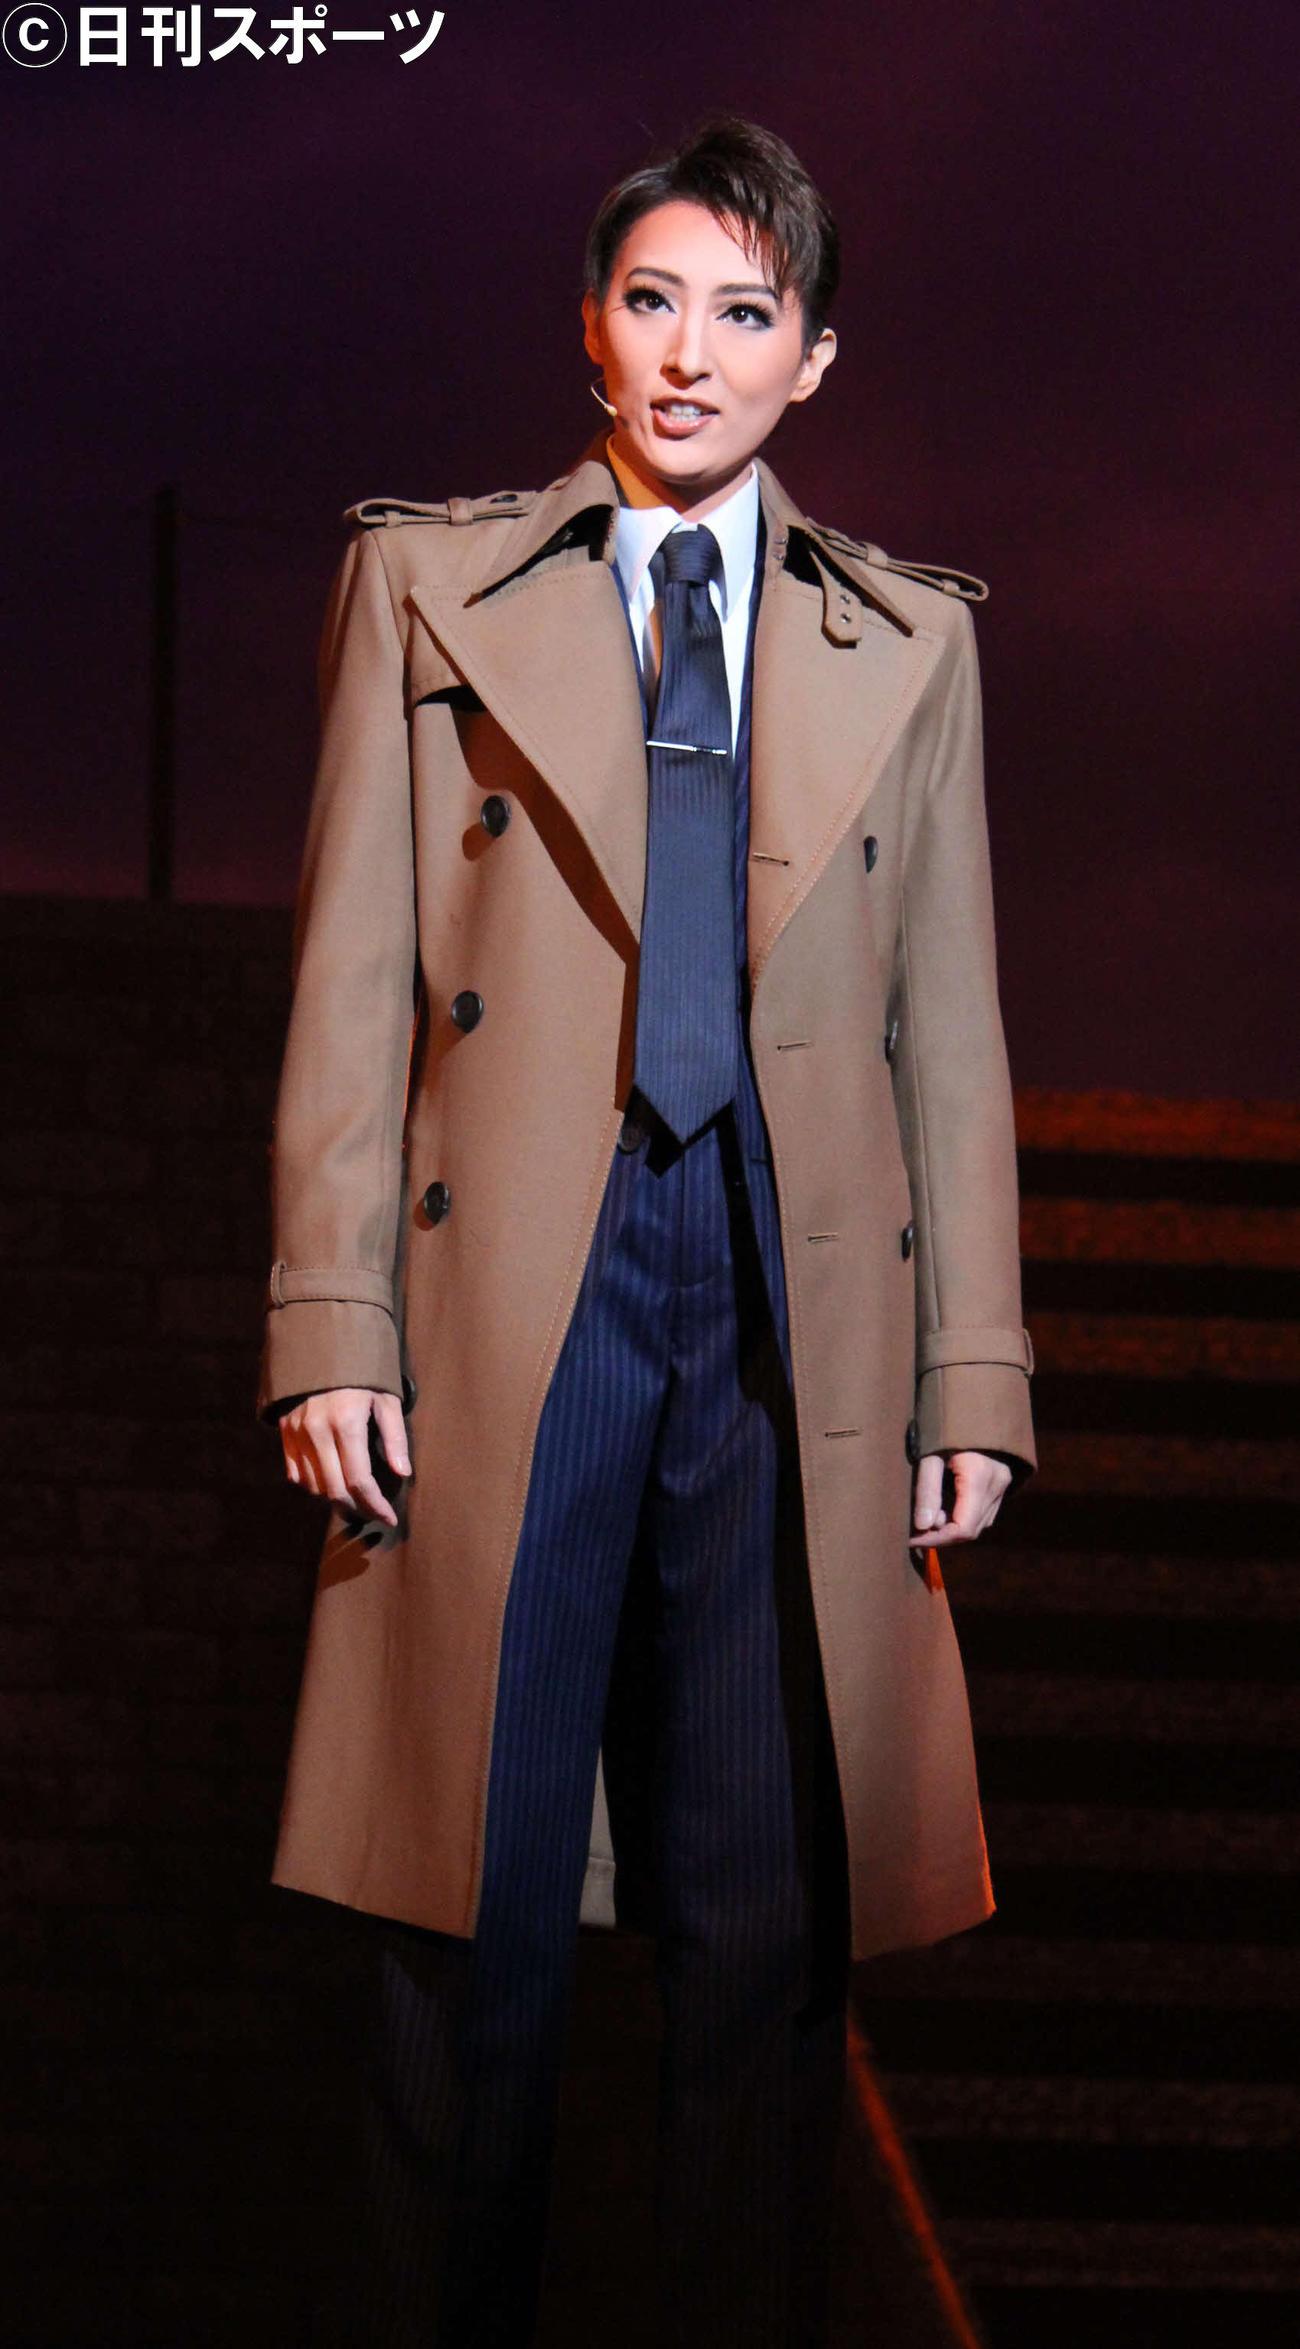 ダイナミックな魅力を生かし、男役らしい立ち姿で、難しいスーツ、トレンチコートを着こなした珠城りょう(撮影・村上久美子)